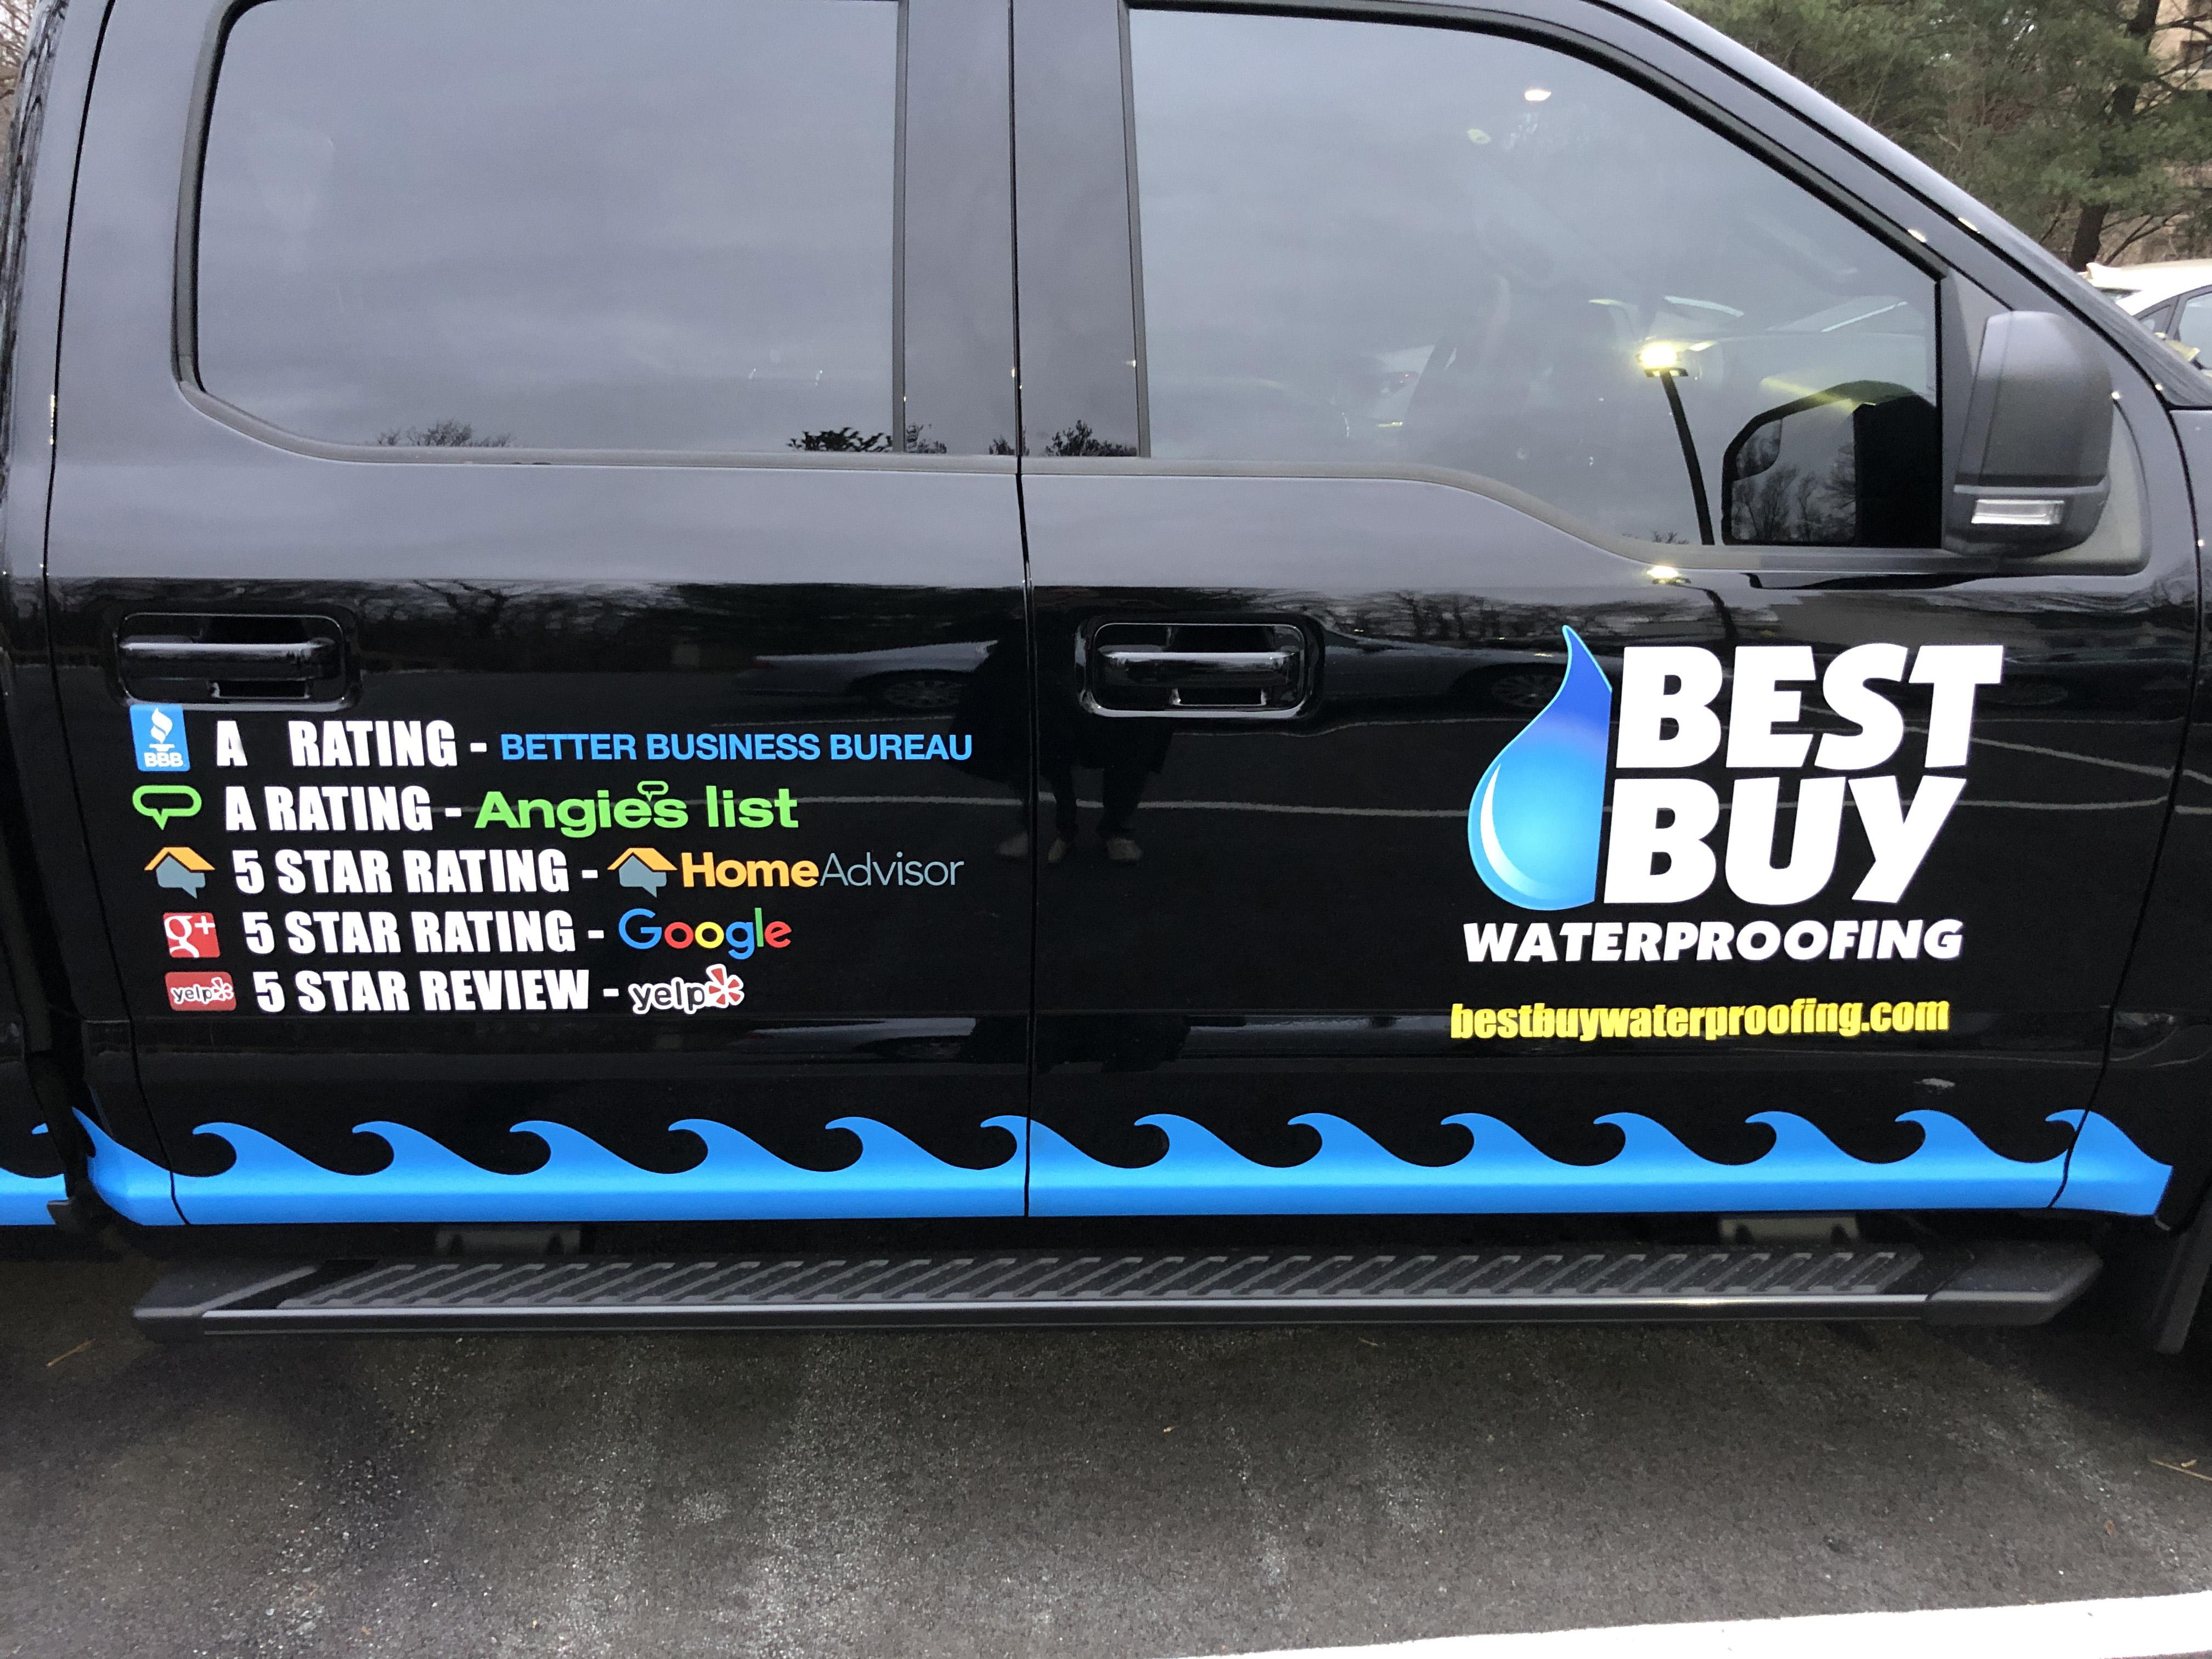 Best Buy Waterproofing   Blog - Best Buy Waterproofing